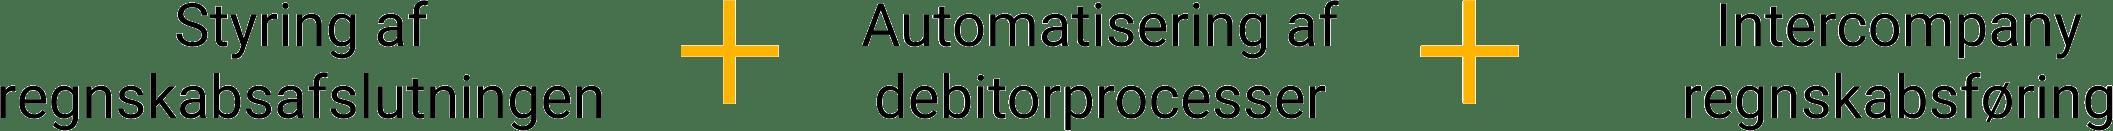 Styring af regnskabsafslutningen + Automatisering af debitorprocesser  + Intercompany regnskabsføring